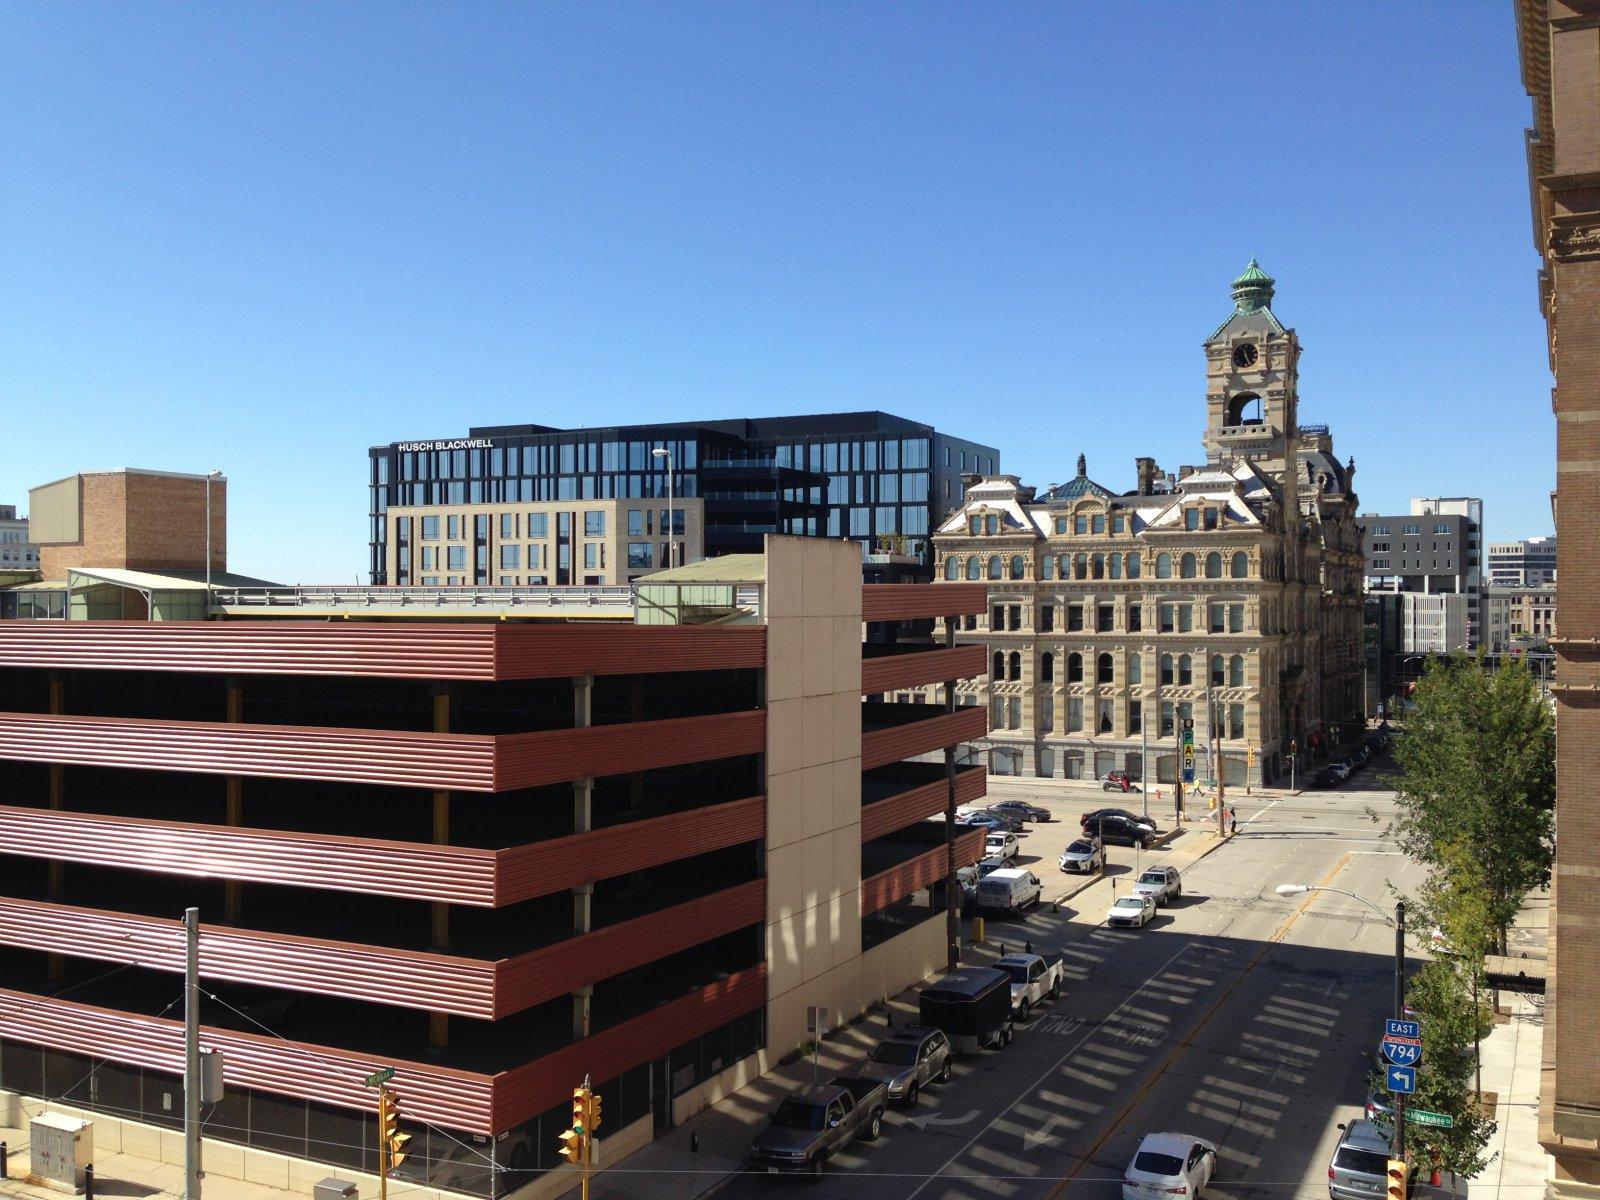 535 N. Milwaukee St.